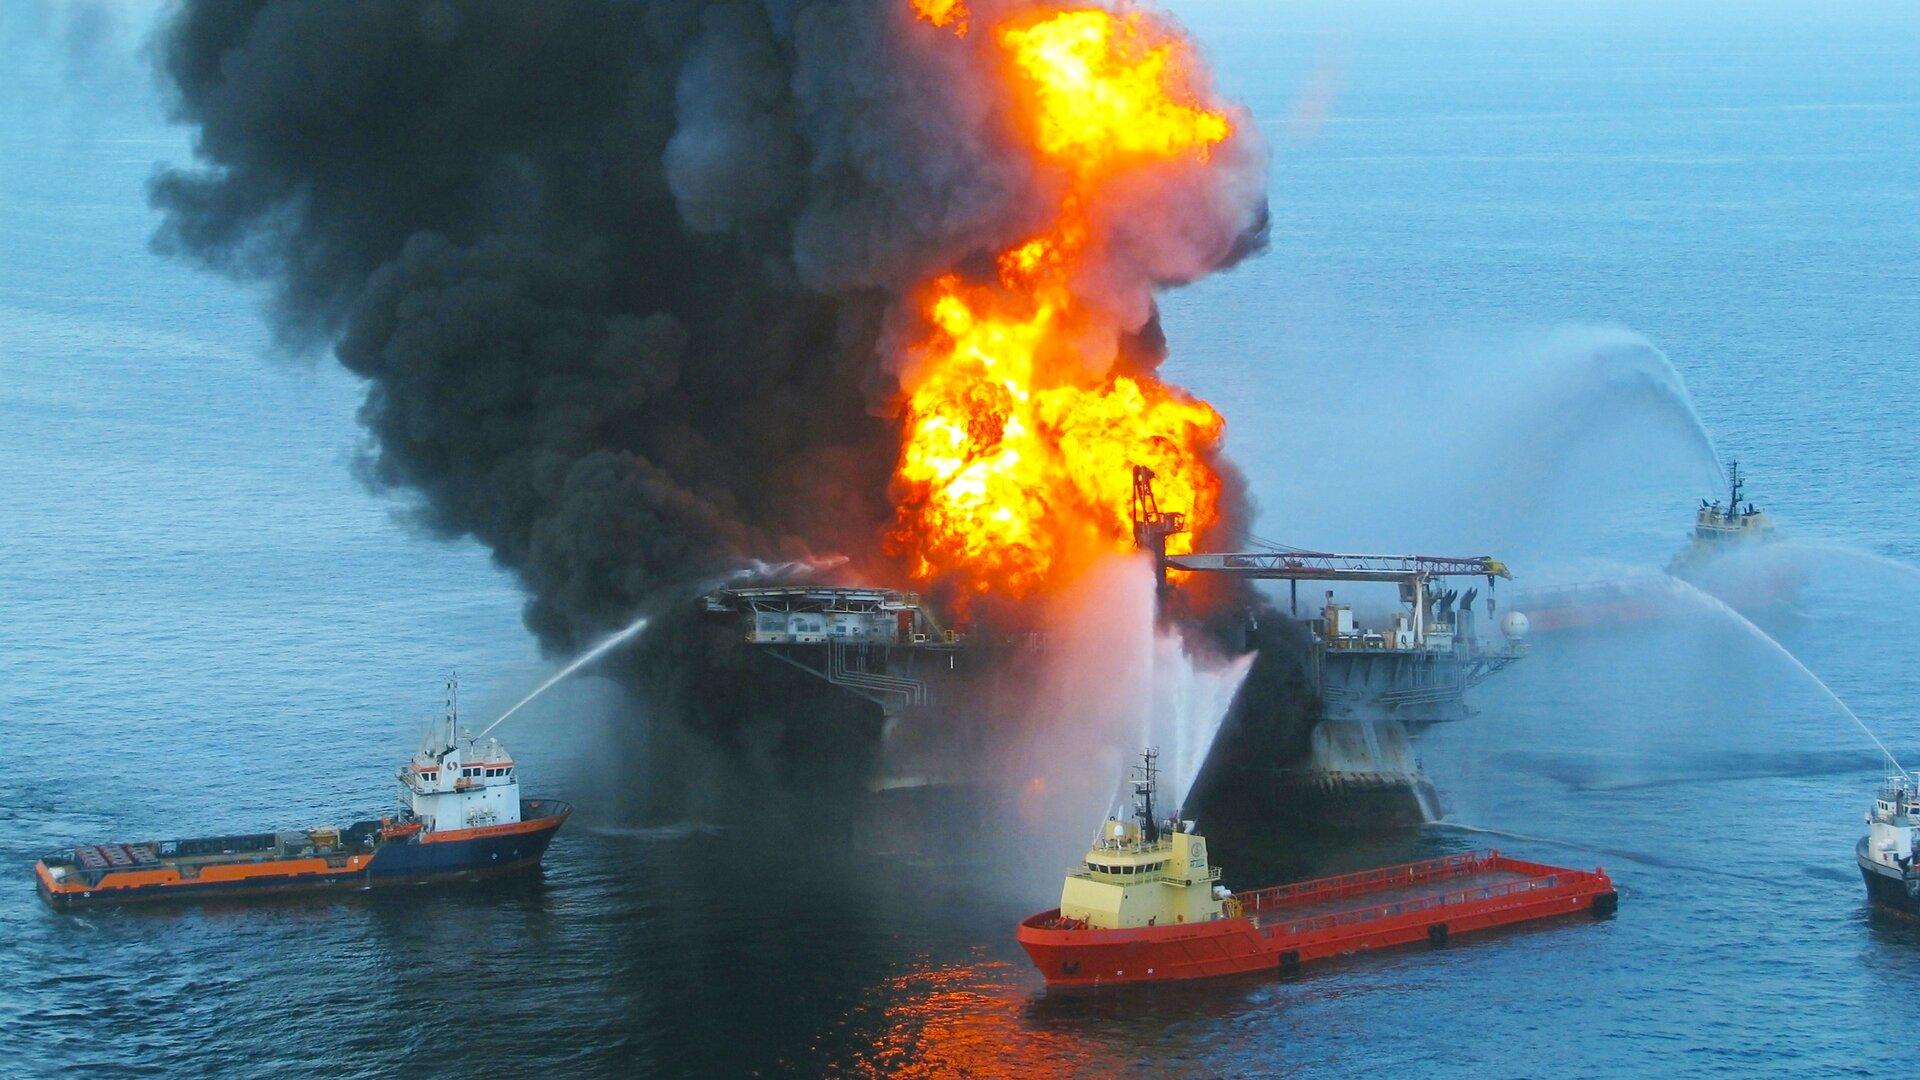 Zdjęcie przedstawia akcję gaszenia pożaru statku na morzu. Uczestniczą wniej cztery łodzie ratownicze, otaczające zczterech stron statek, na którym rozprzestrzenił się pożar. Płonie ogień, który widać na pewno zdużej odległości. Widać również ogromną chmurę dymu. Statek stoi na środku morza. Jest pochmurny dzień.